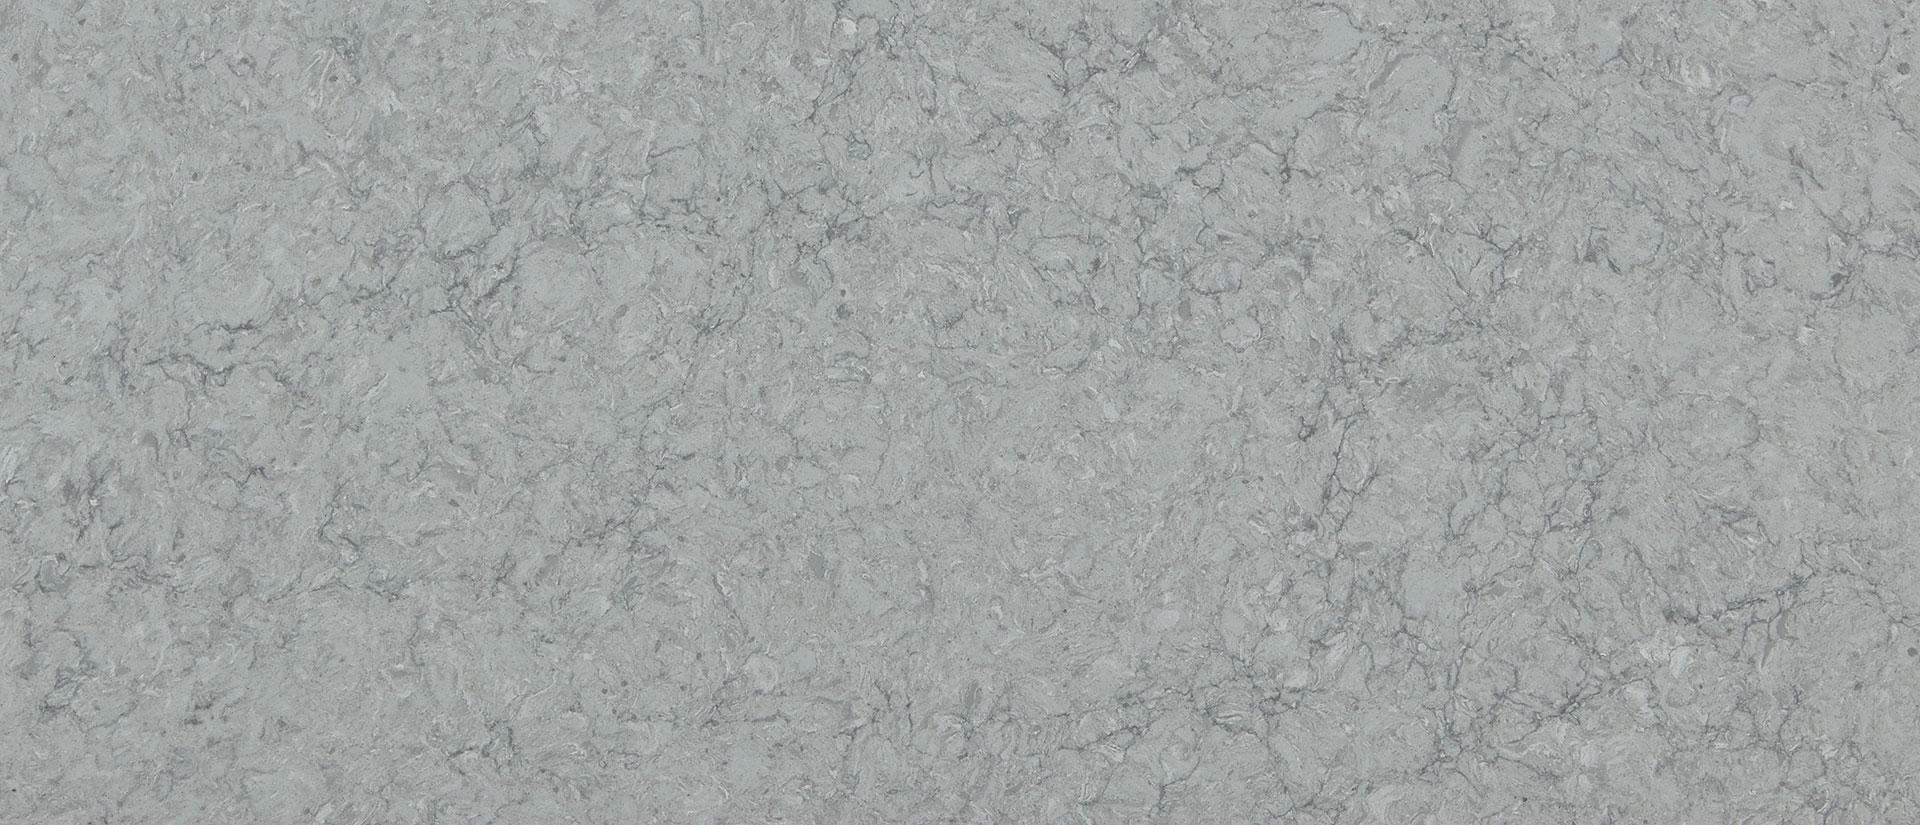 Galant Gray Quartz